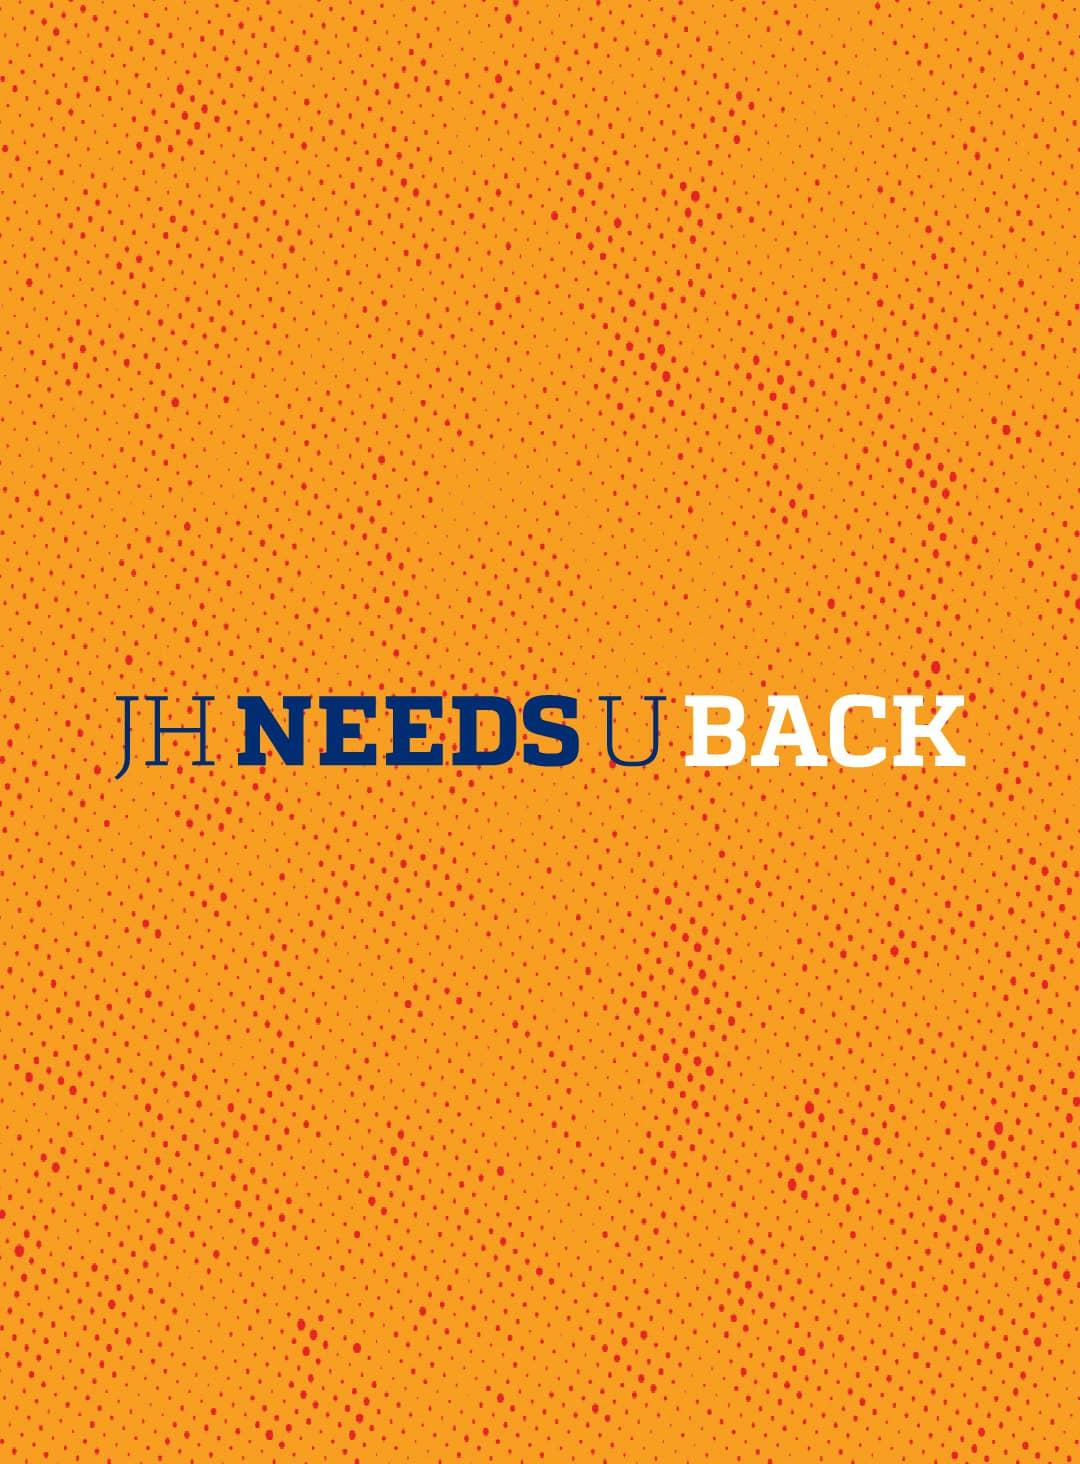 JHU Needs You Back